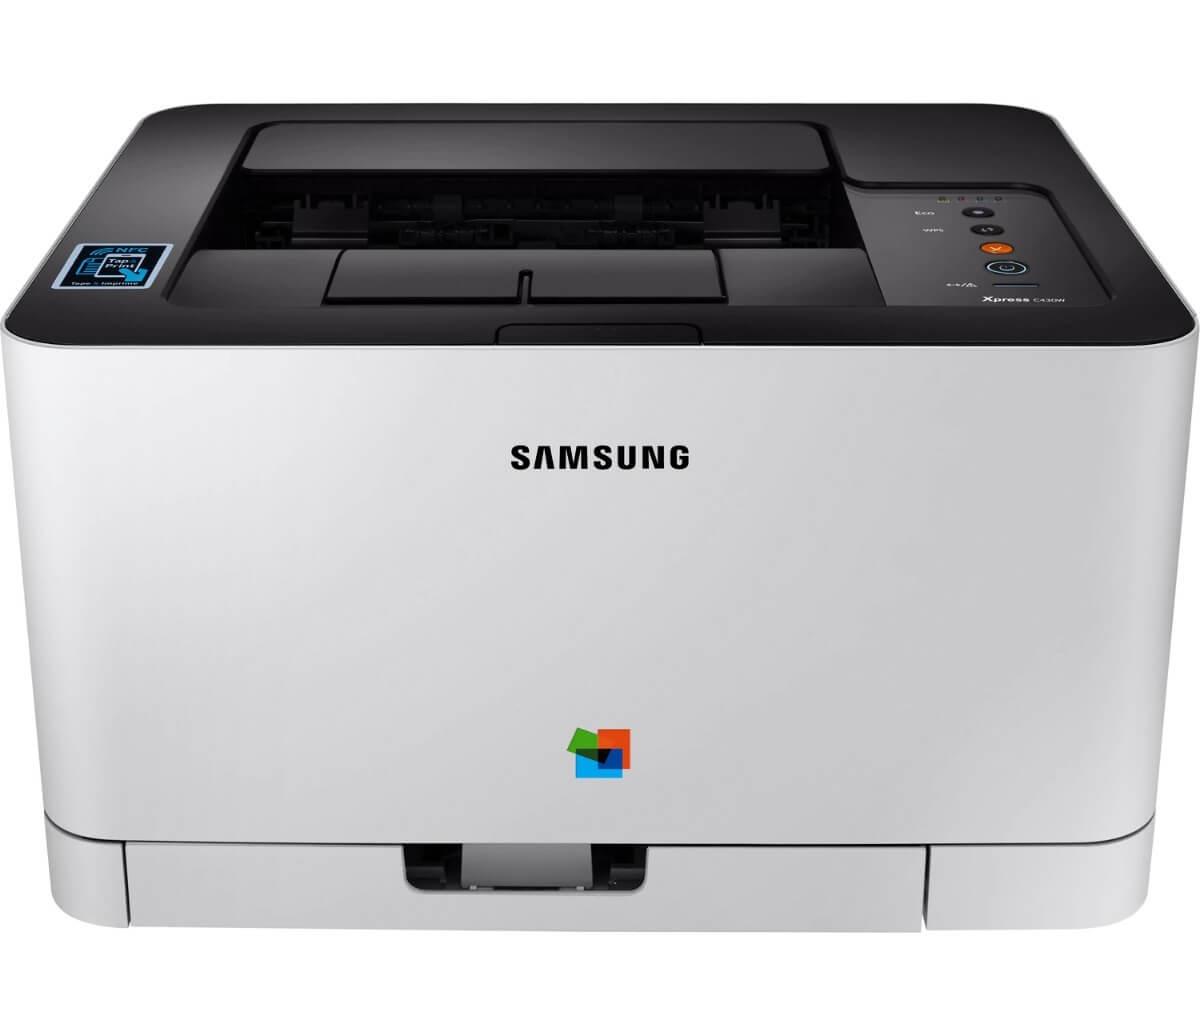 Stampante laser o inchiostro? Differenze tra stampanti 1